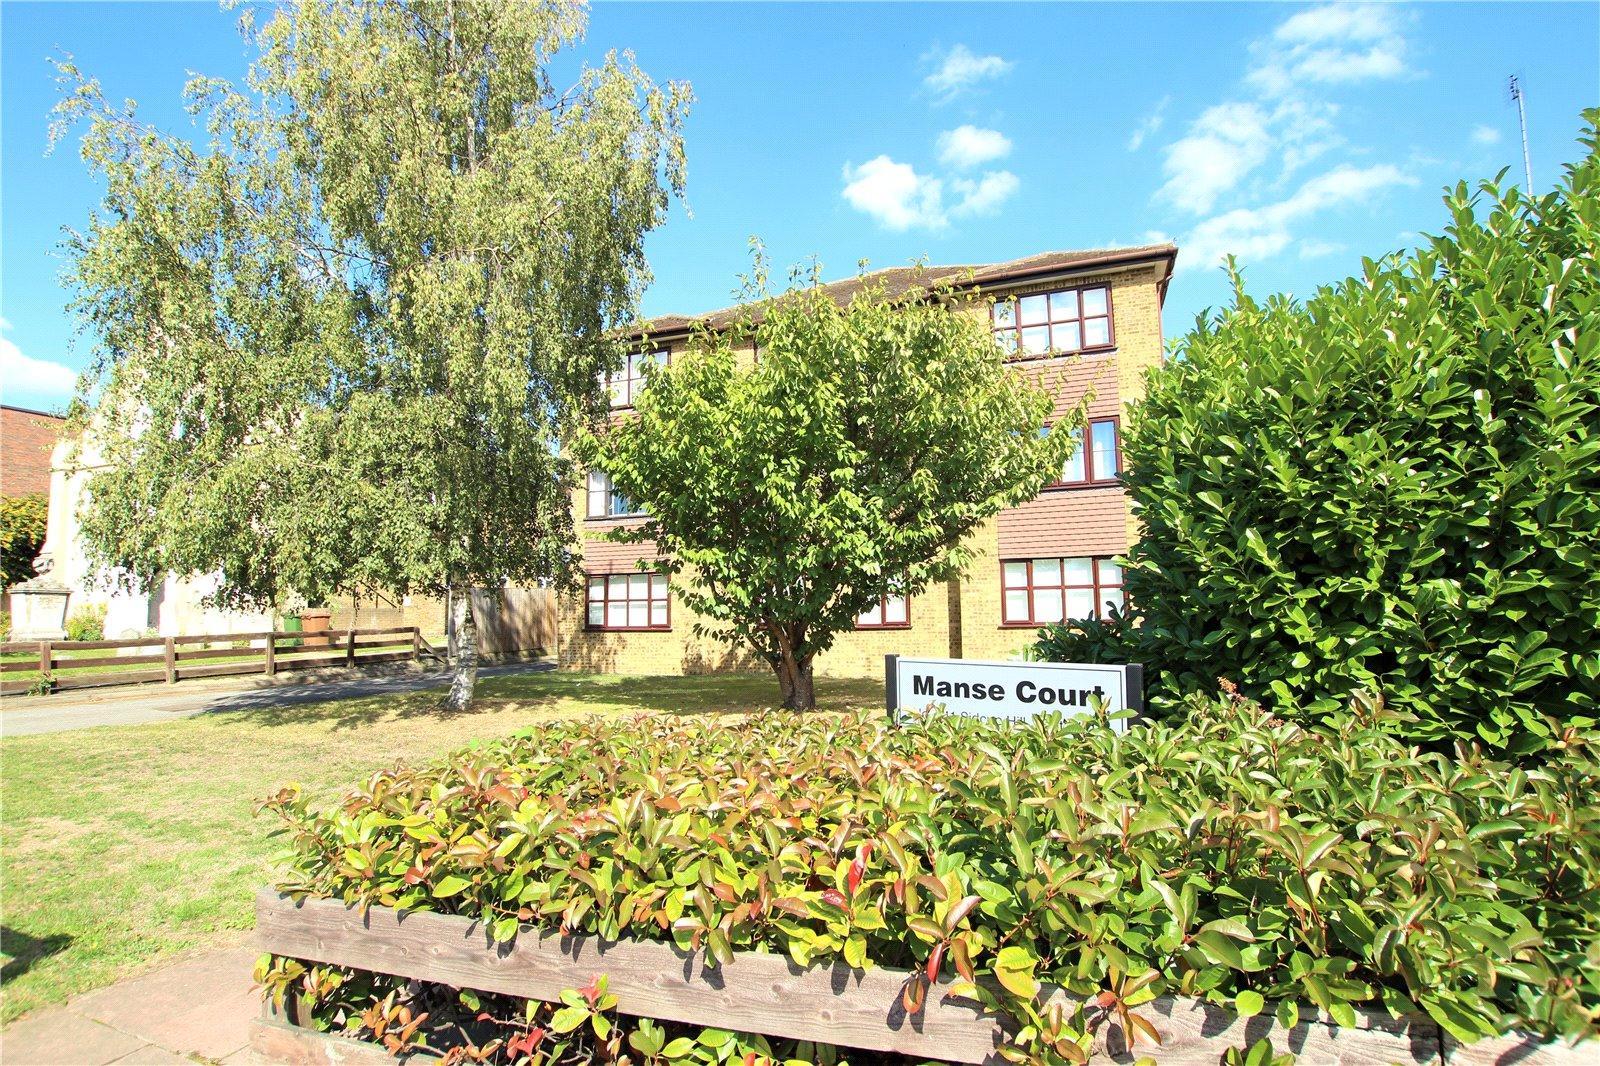 Manse Court, Sidcup Hill, Sidcup, Kent, DA14